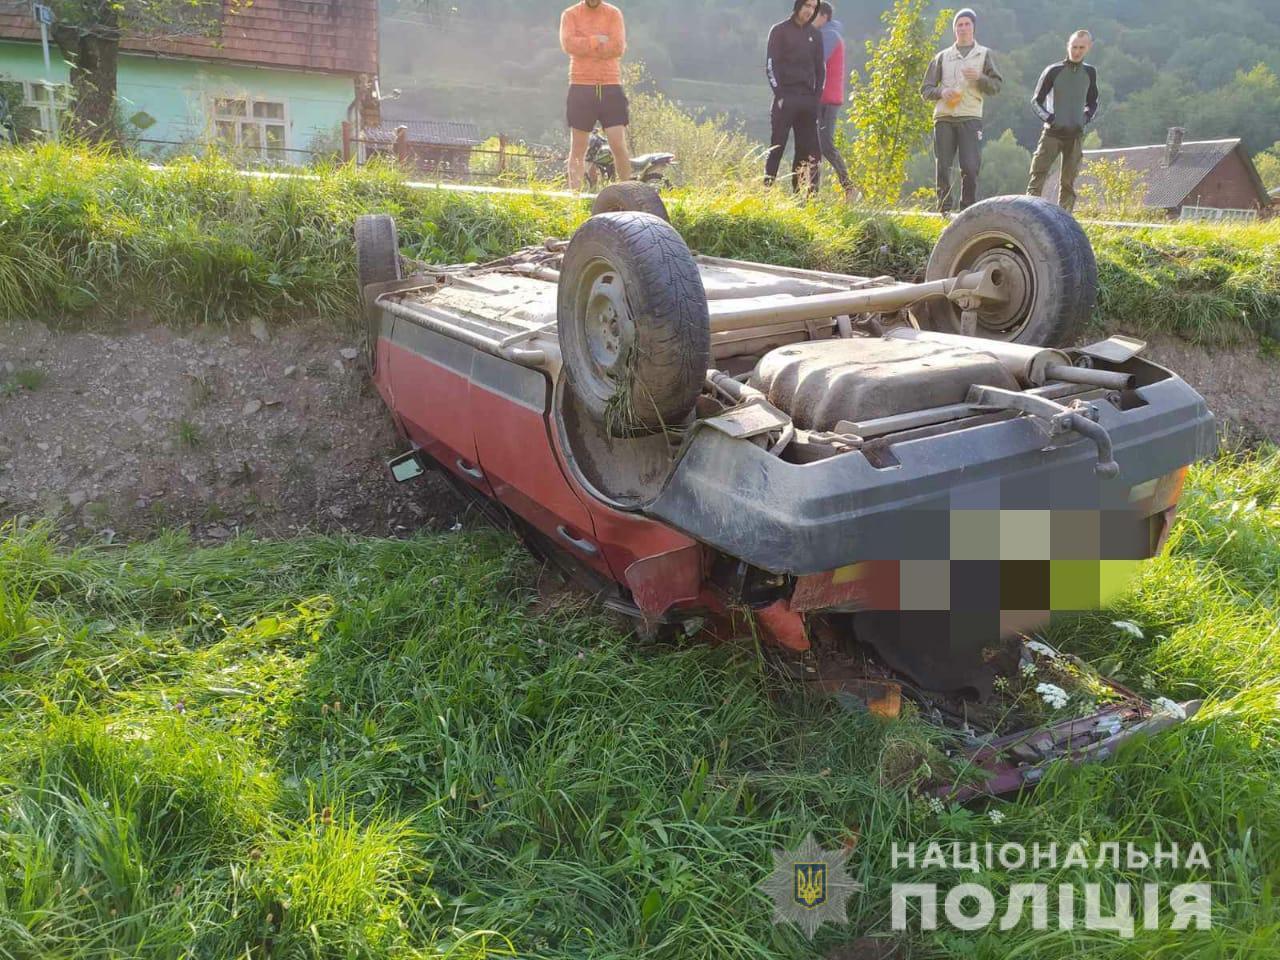 На Рахівщині двоє підлітків вкрали авто і перекинулися на ньому (ФОТО)